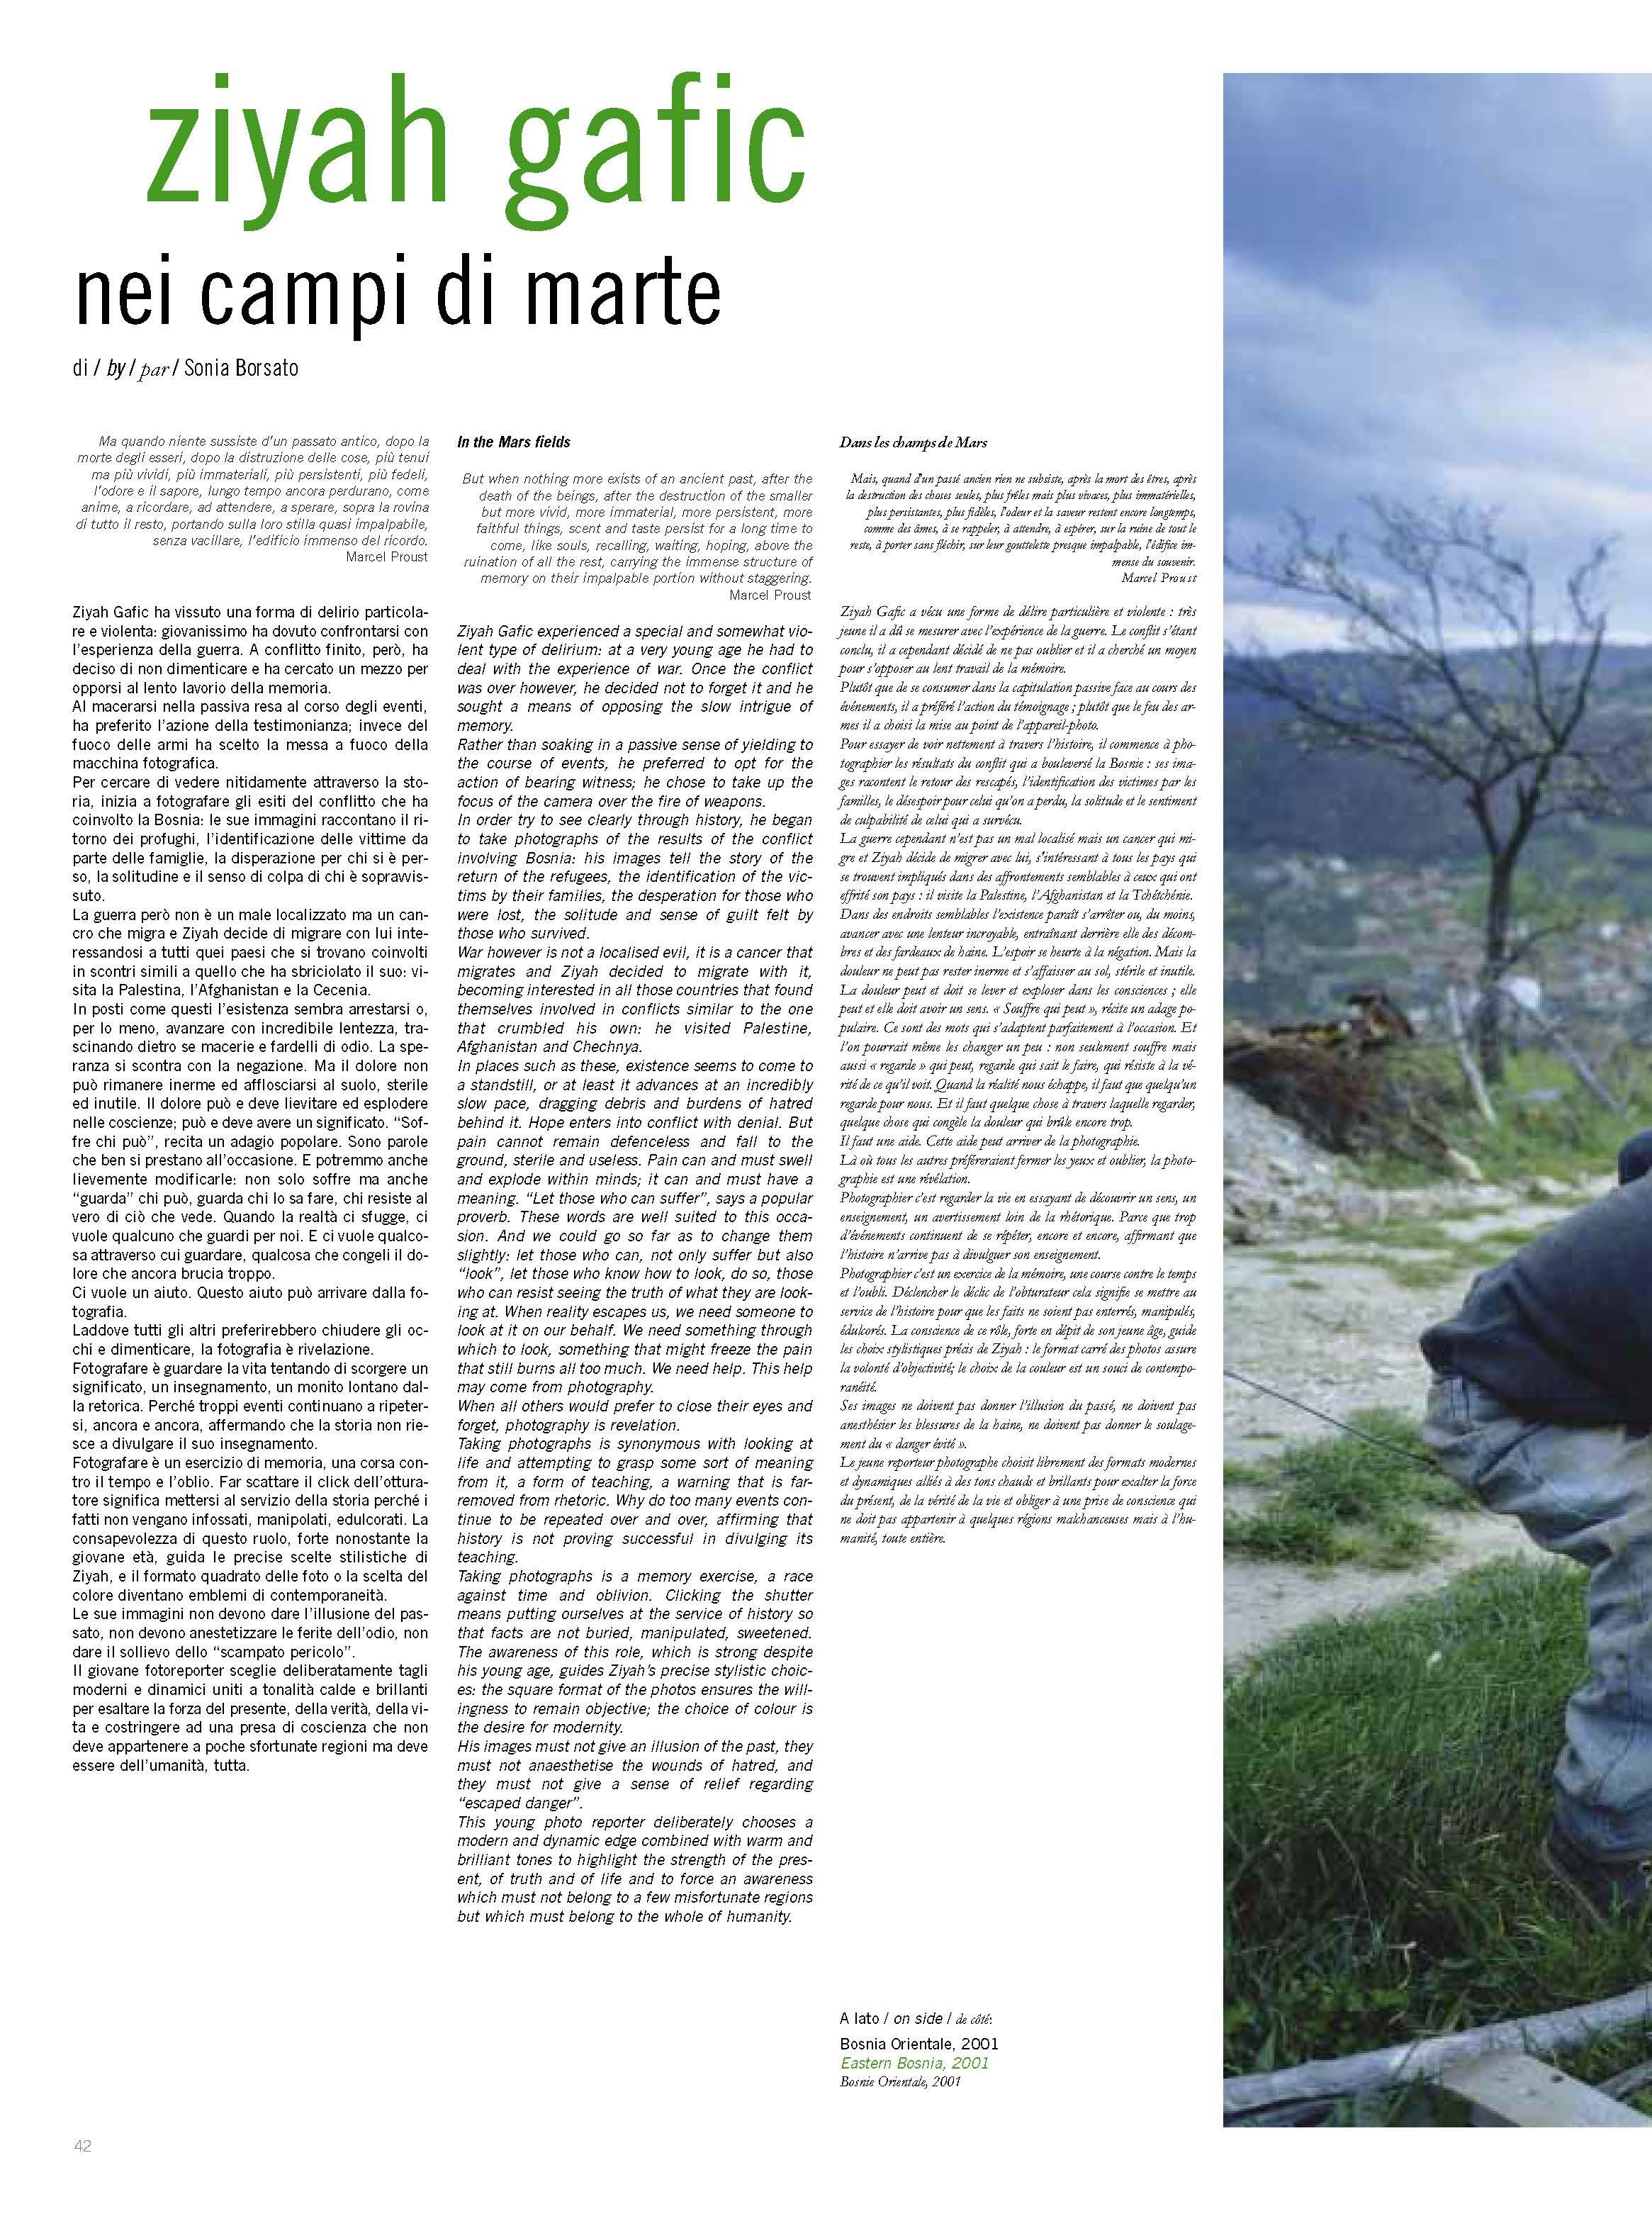 Catalogo_menotrentuno_2_Page_044.jpg